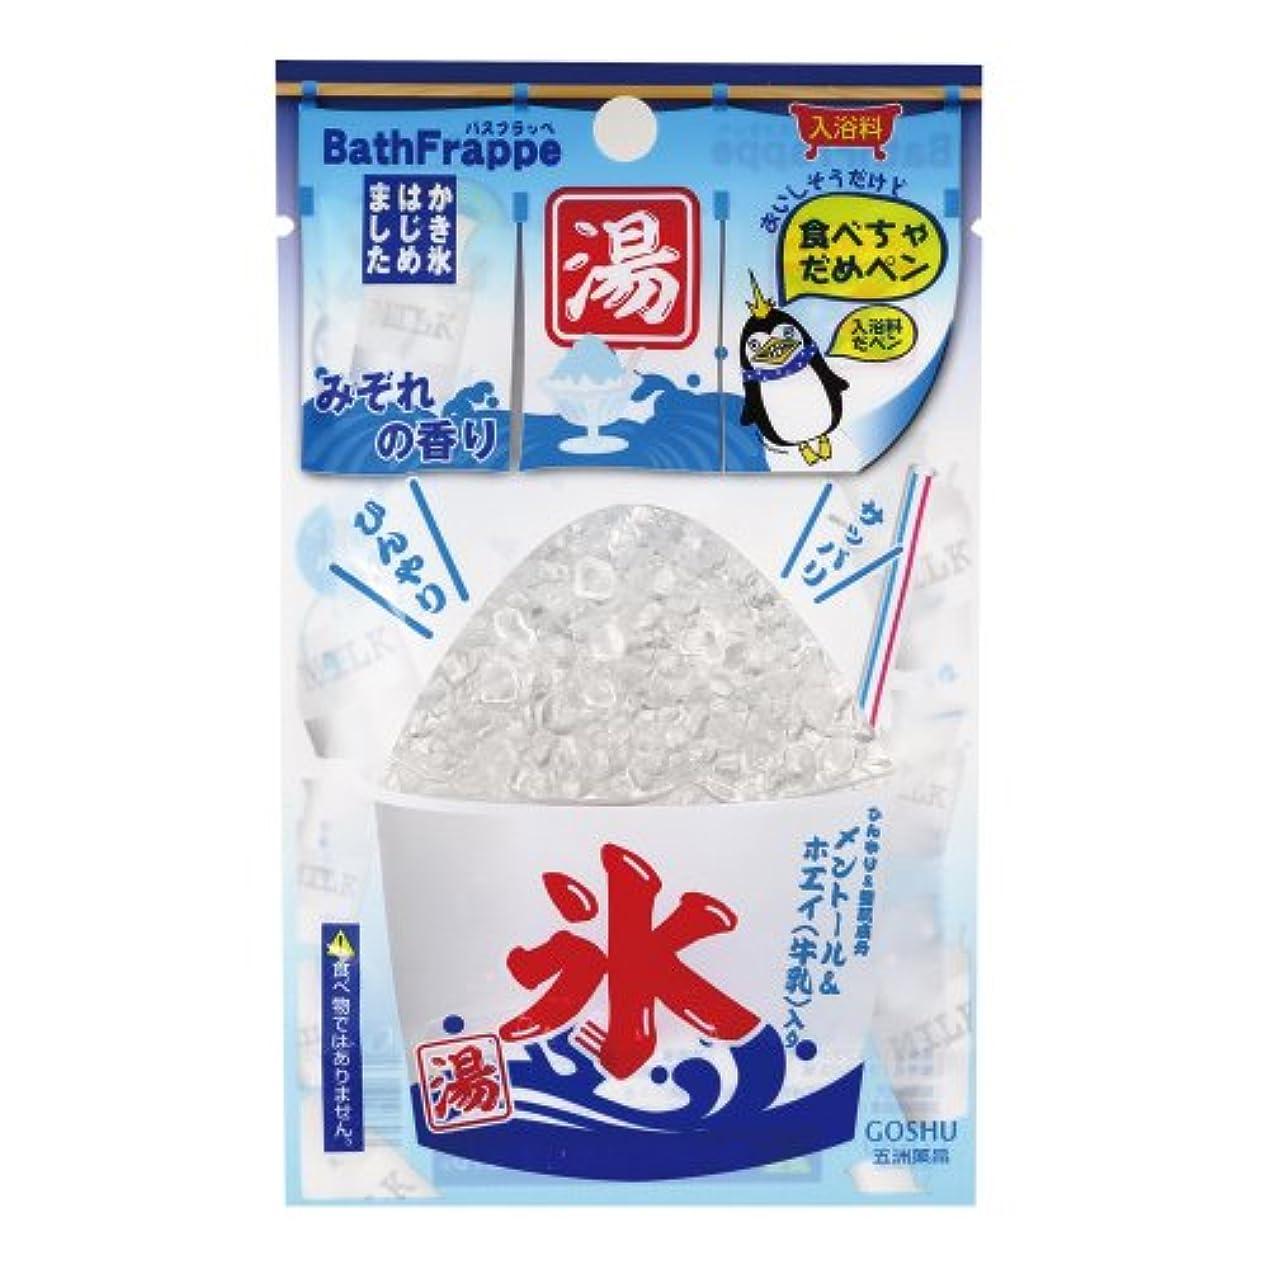 製品仮説ボルト五洲薬品 かき氷風入浴剤 バスフラッペ みぞれの香り 1箱(10包入)